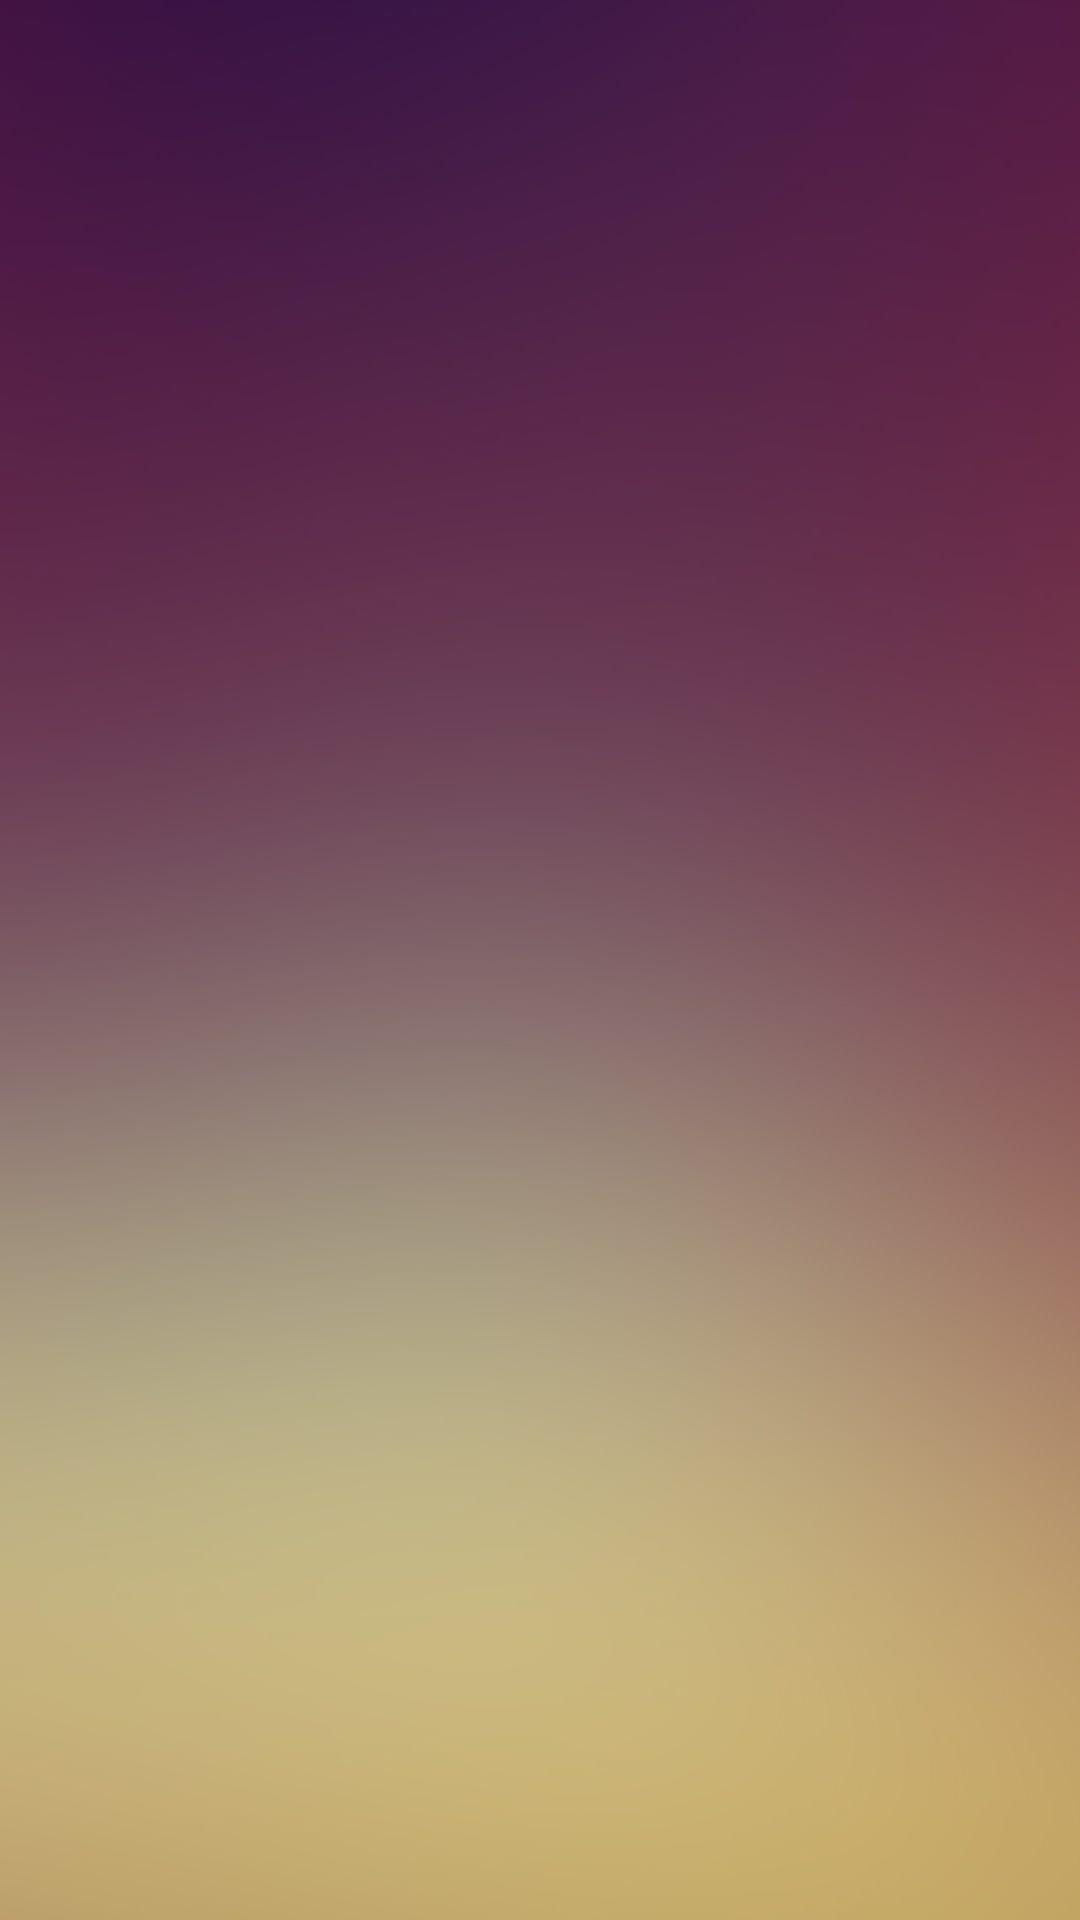 Unduh 86 Koleksi Background Ungu Kuning HD Paling Keren